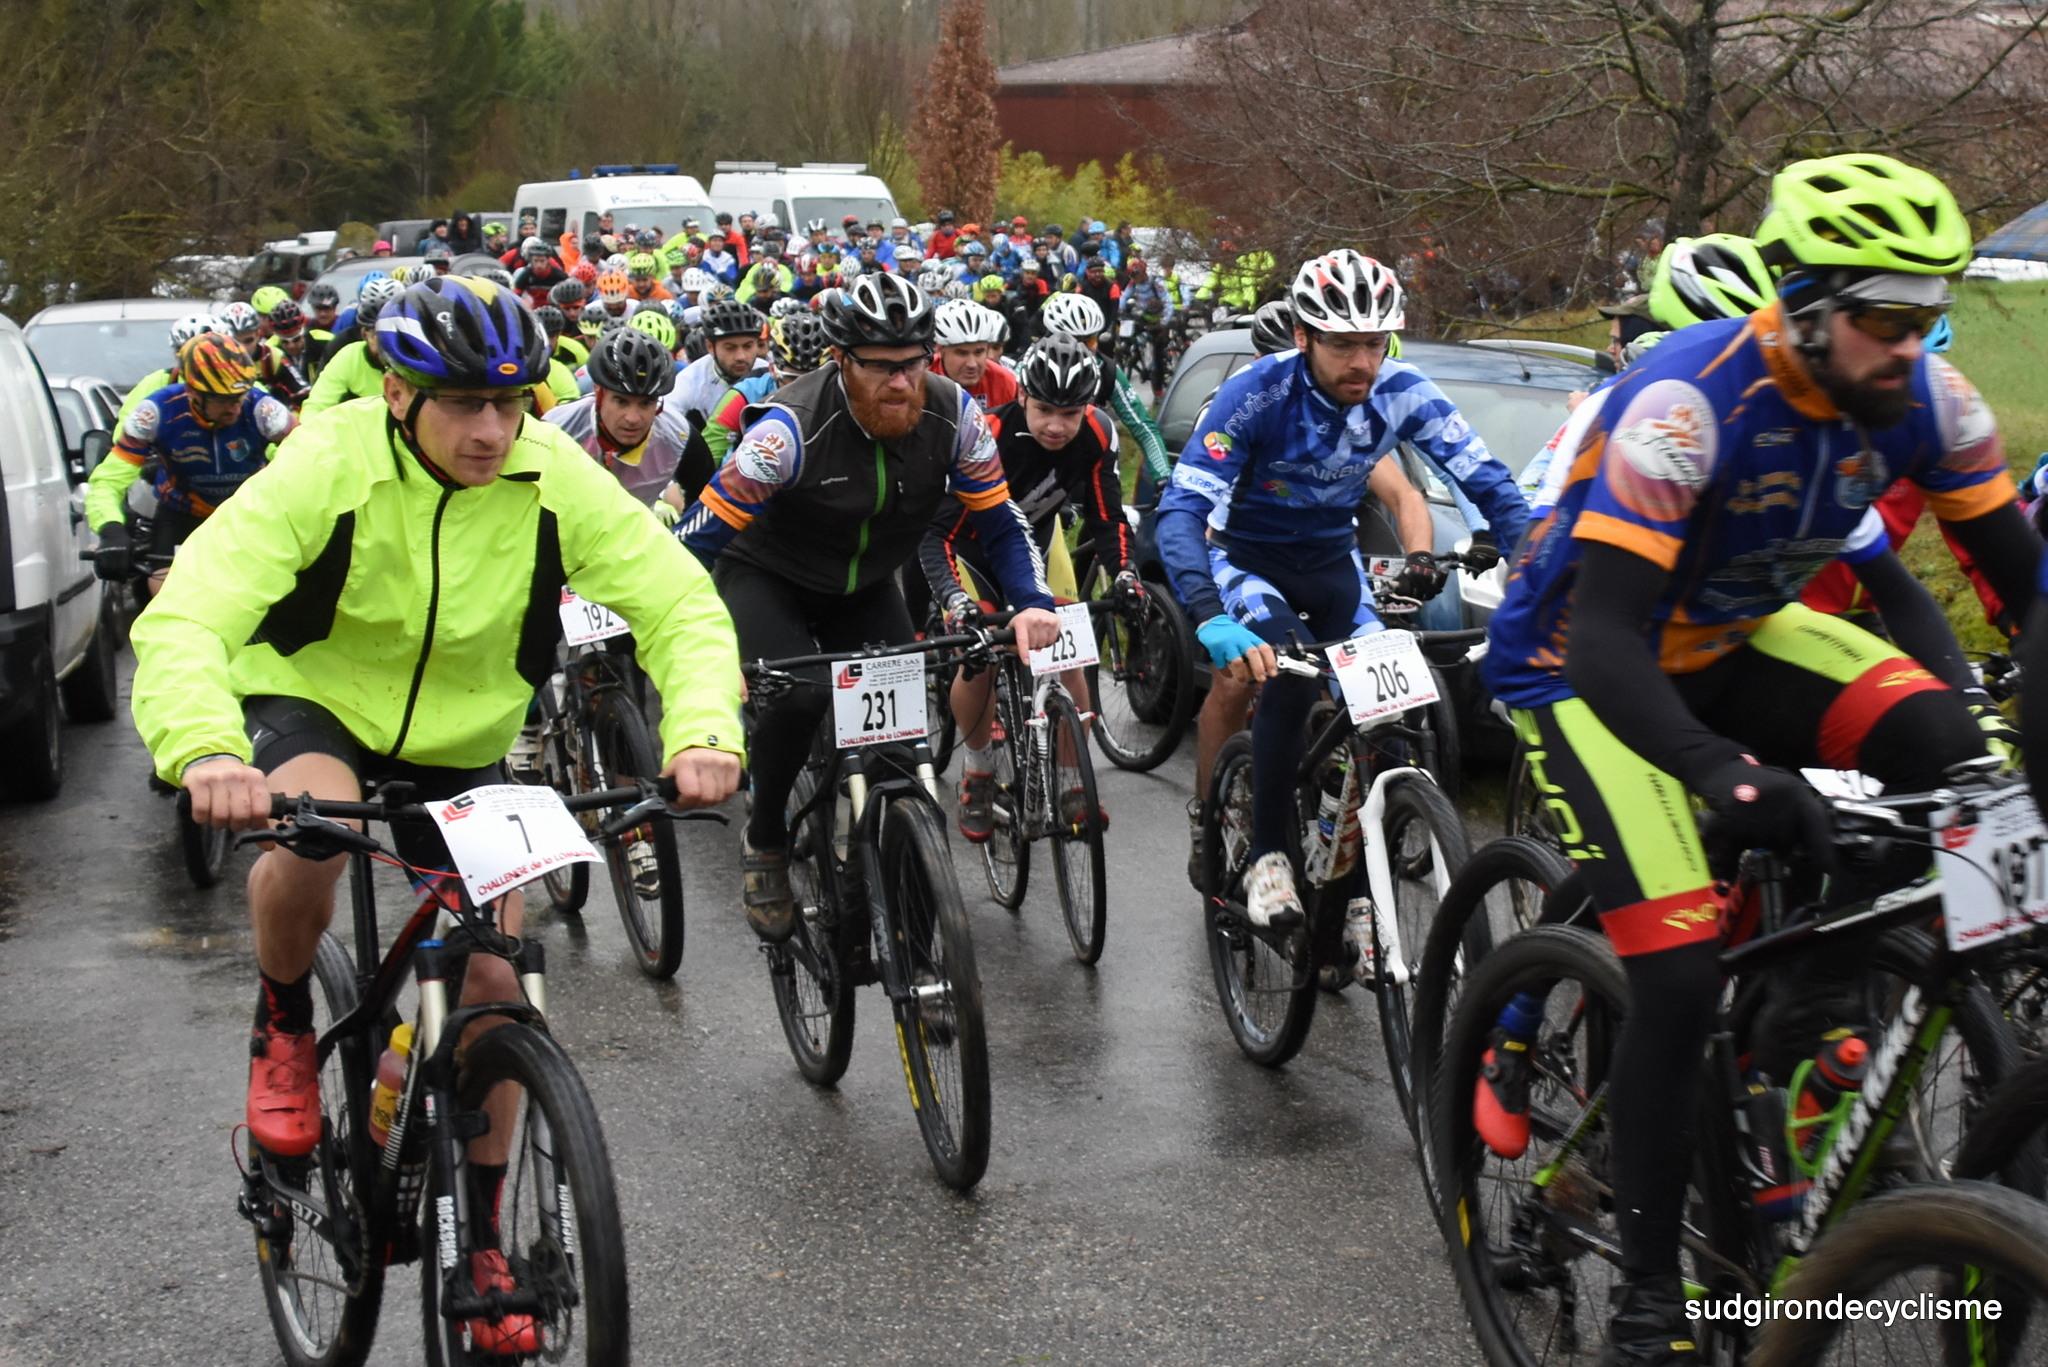 Christophe Faloppa se faufile, il vient de doubler un vélo de cyclo-cross pourtant interdit sur cette épreuve...